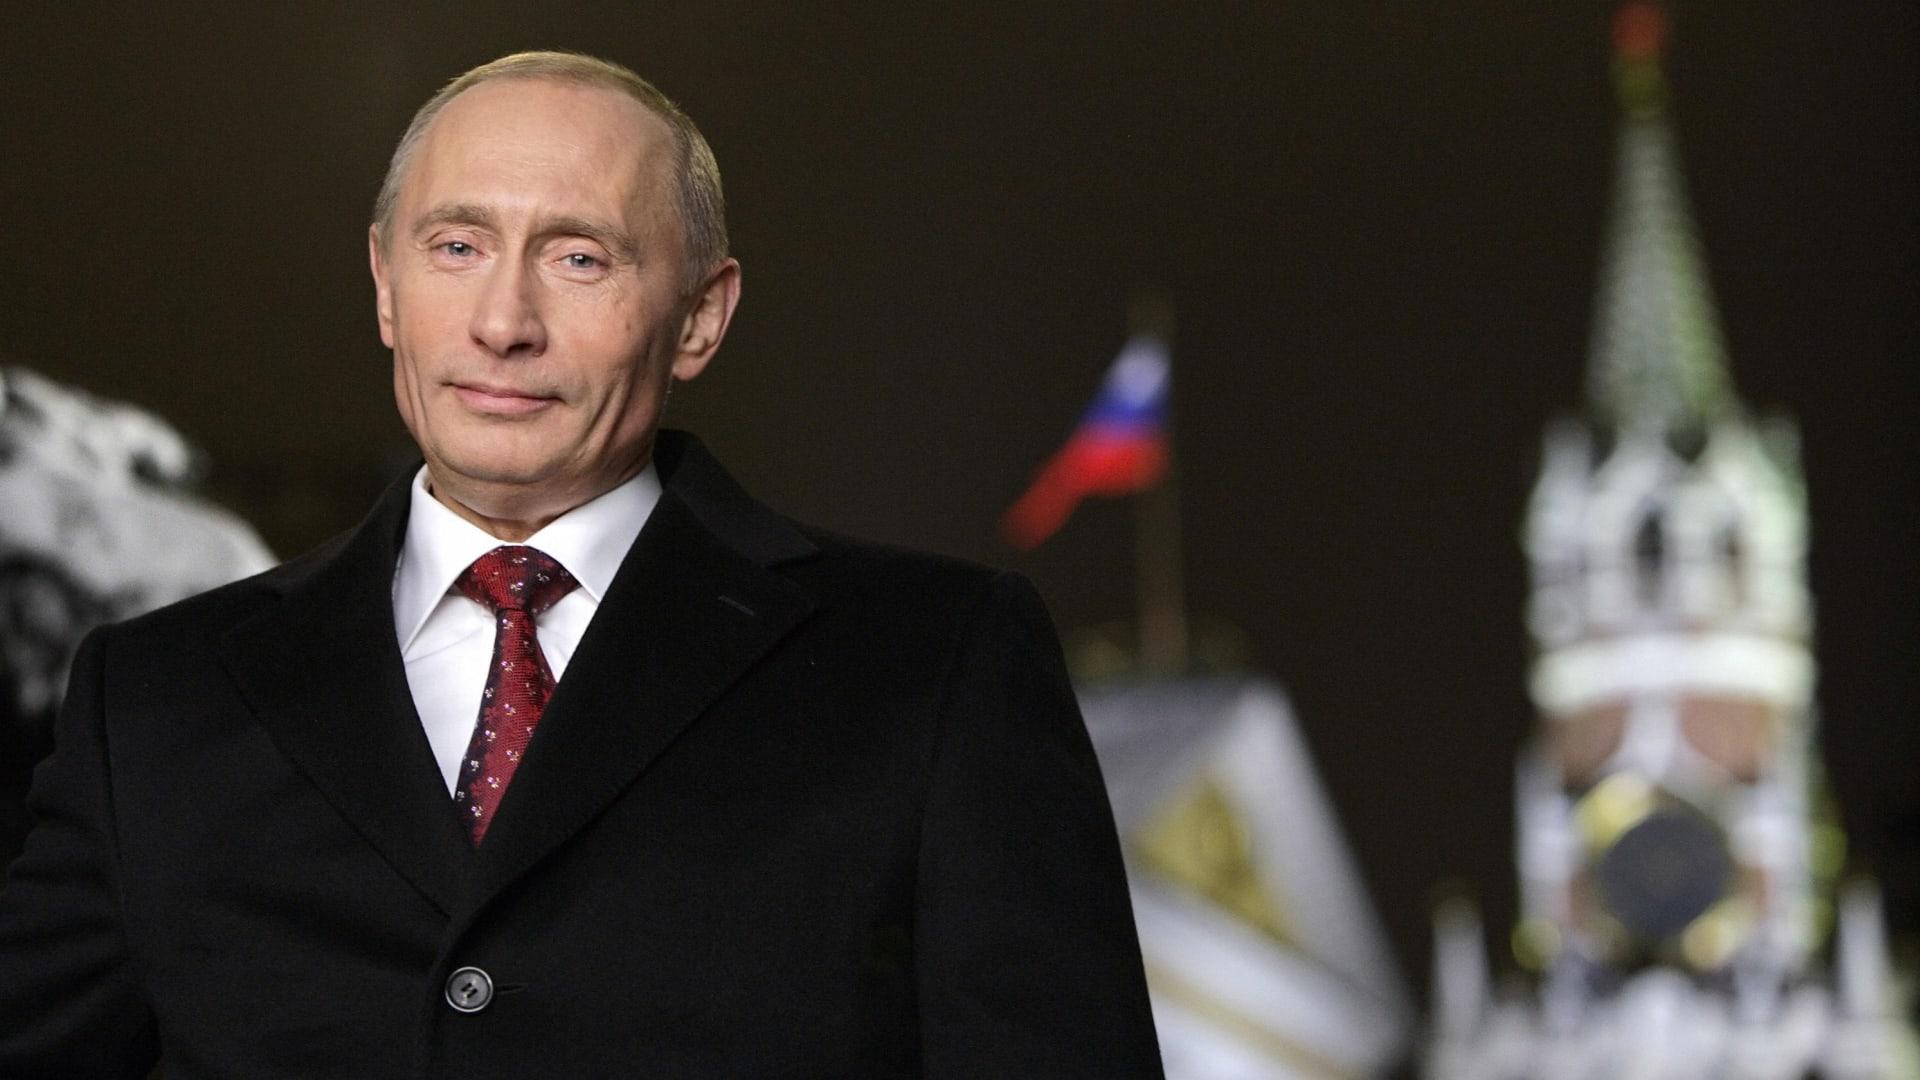 روديز لـCNN بعد دعوة ترامب لإعادة ضم روسيا إلى G8: بوتين ينتصر